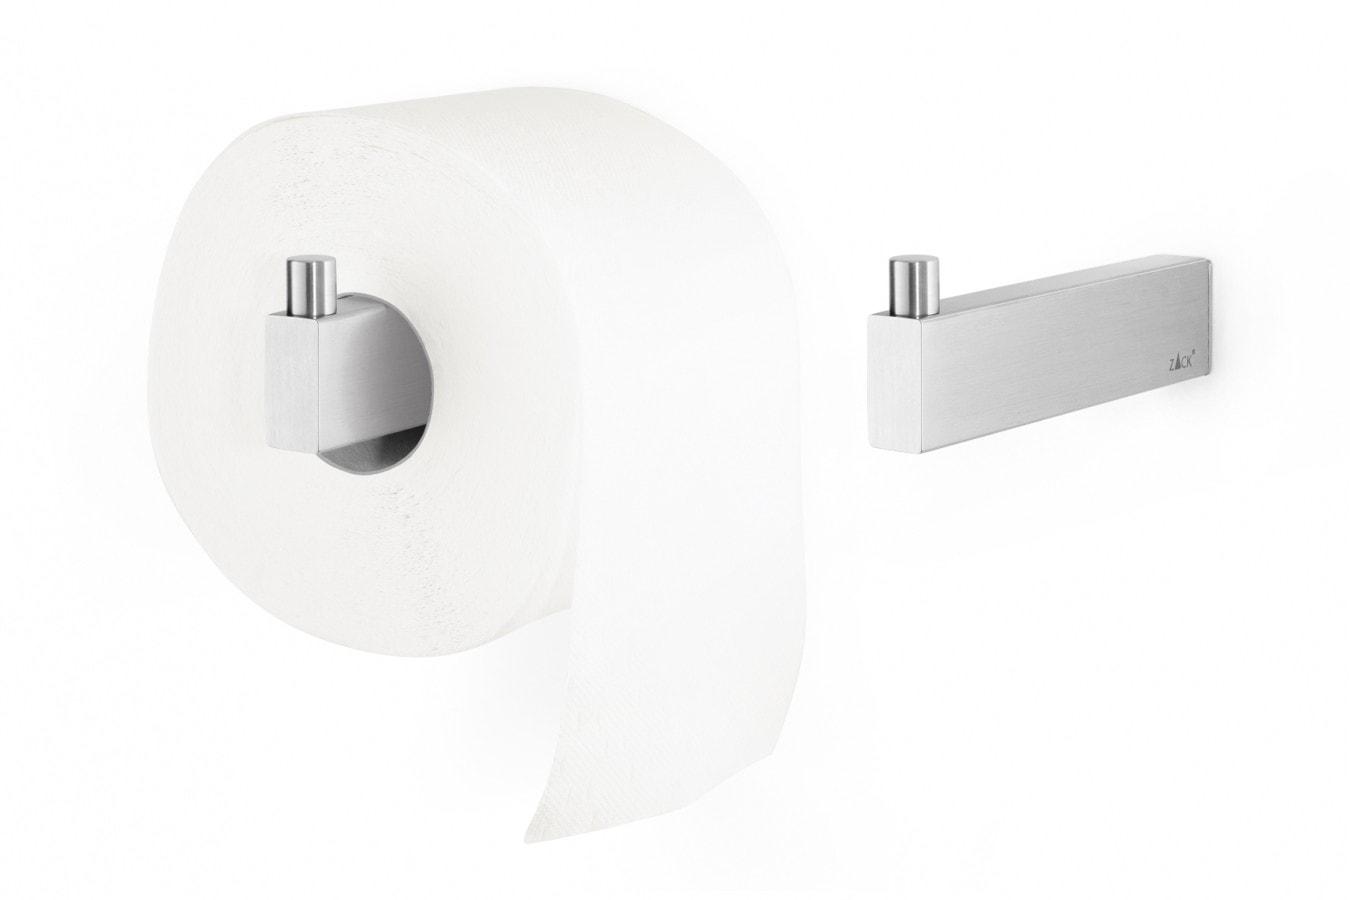 Uchwyt na papier WC ZACK LINEA 40391